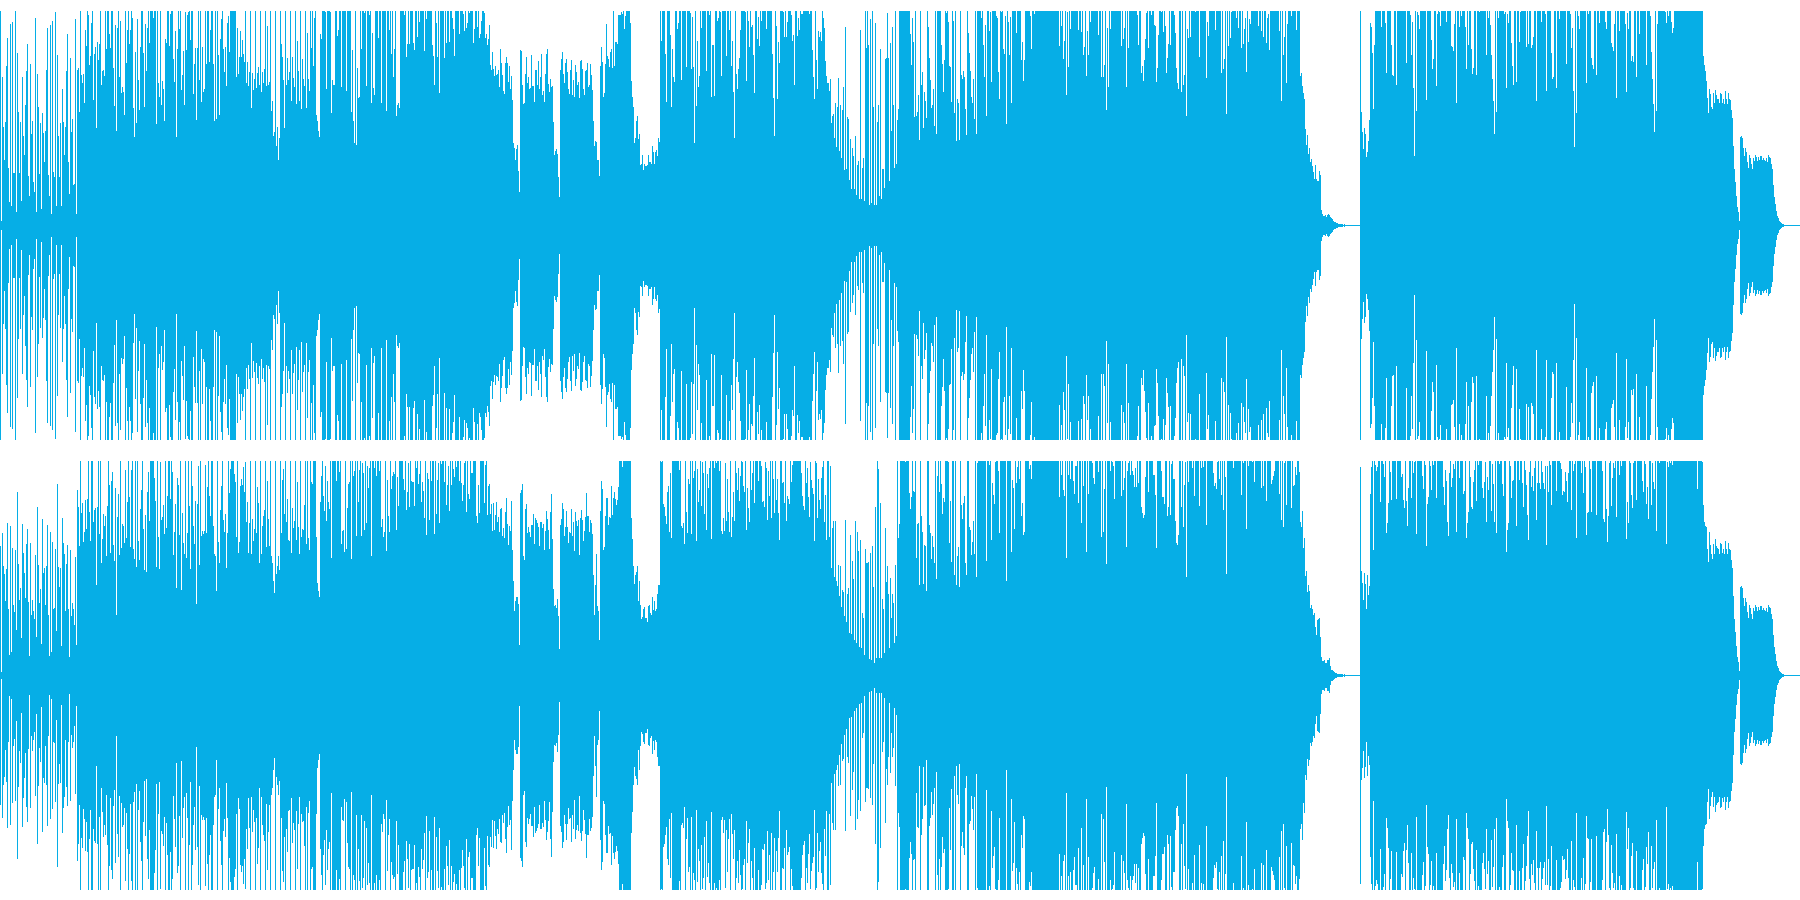 躍動感、疾走感のファンクなベースのBGMの再生済みの波形